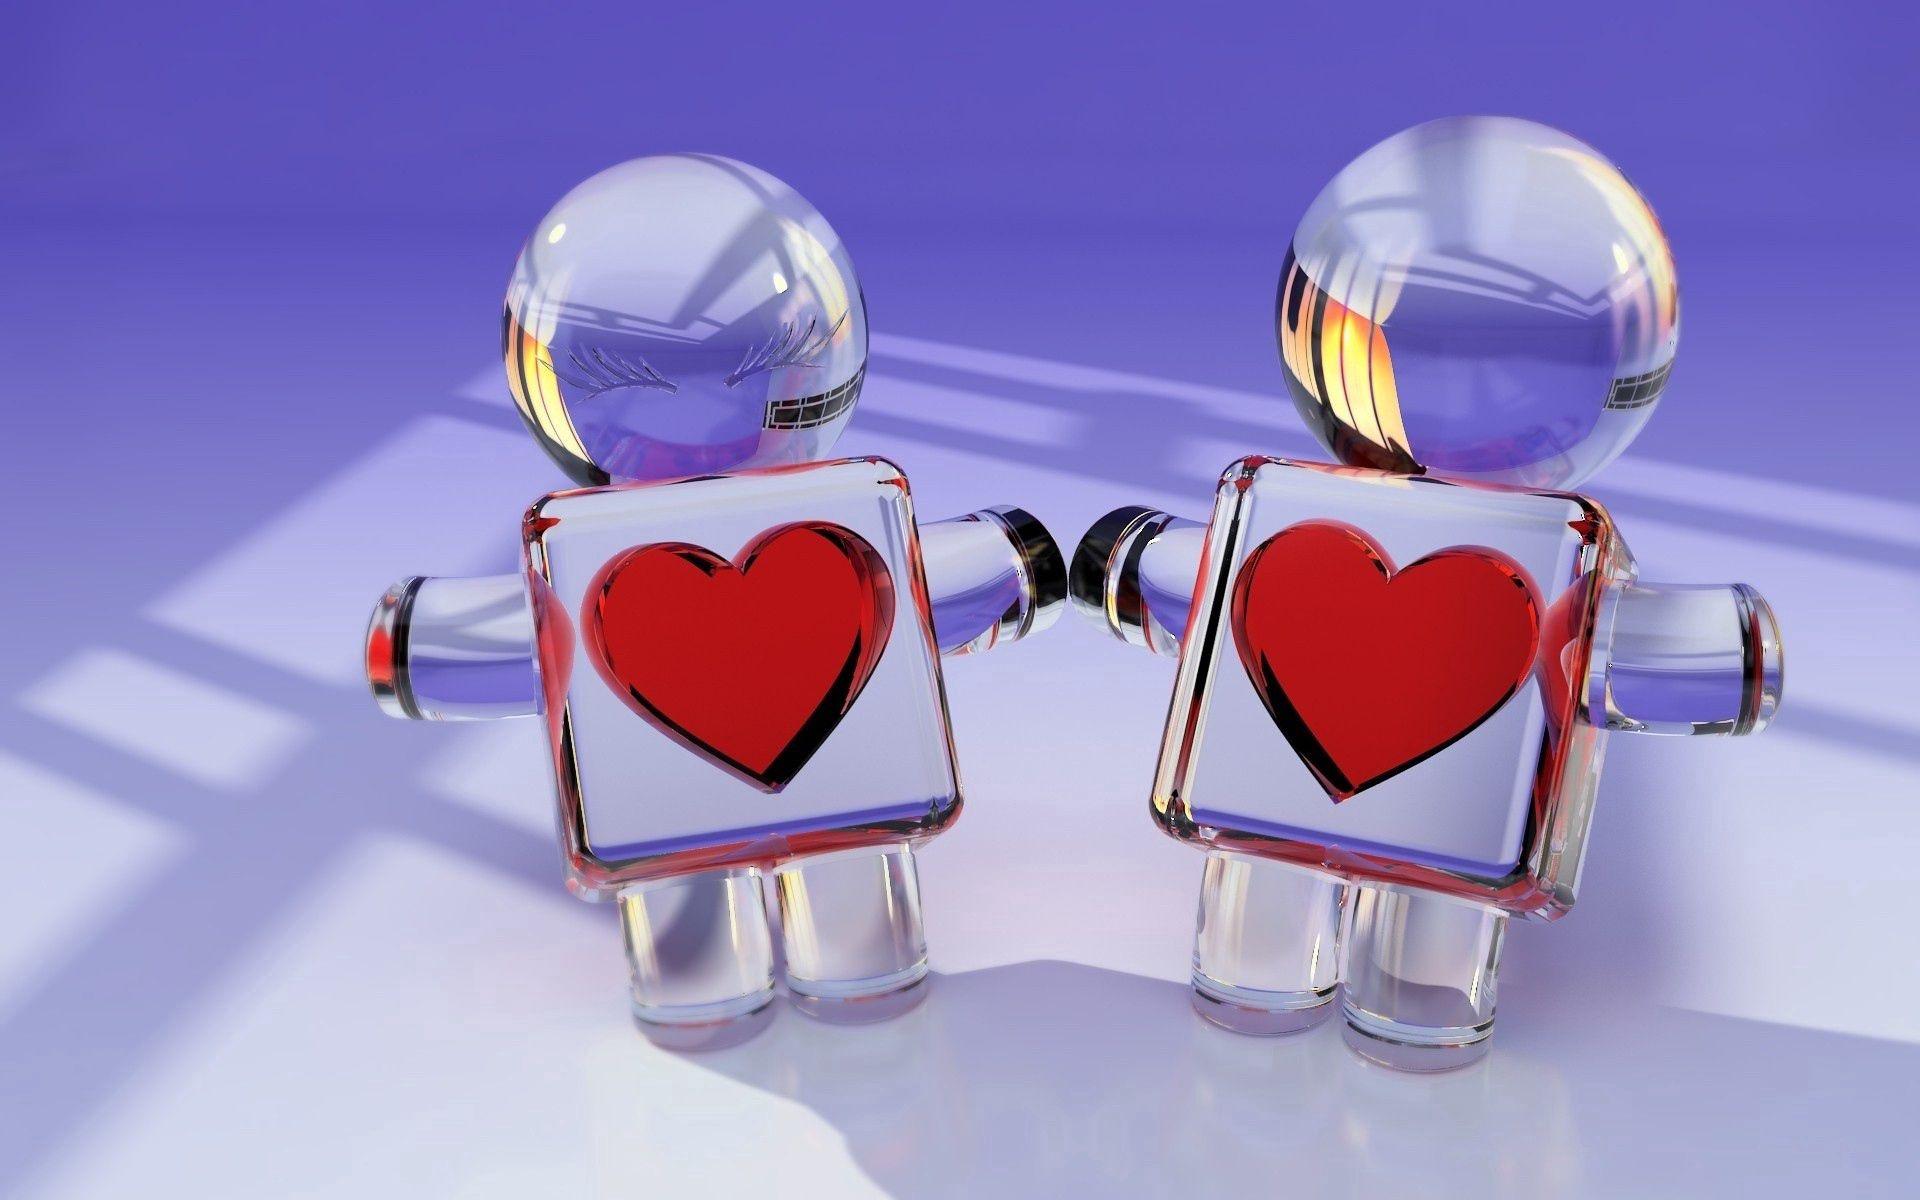 69188 Hintergrundbild herunterladen Herzen, Spielzeug, Liebe, Paar, 3D, Glas, Ein Herz - Bildschirmschoner und Bilder kostenlos